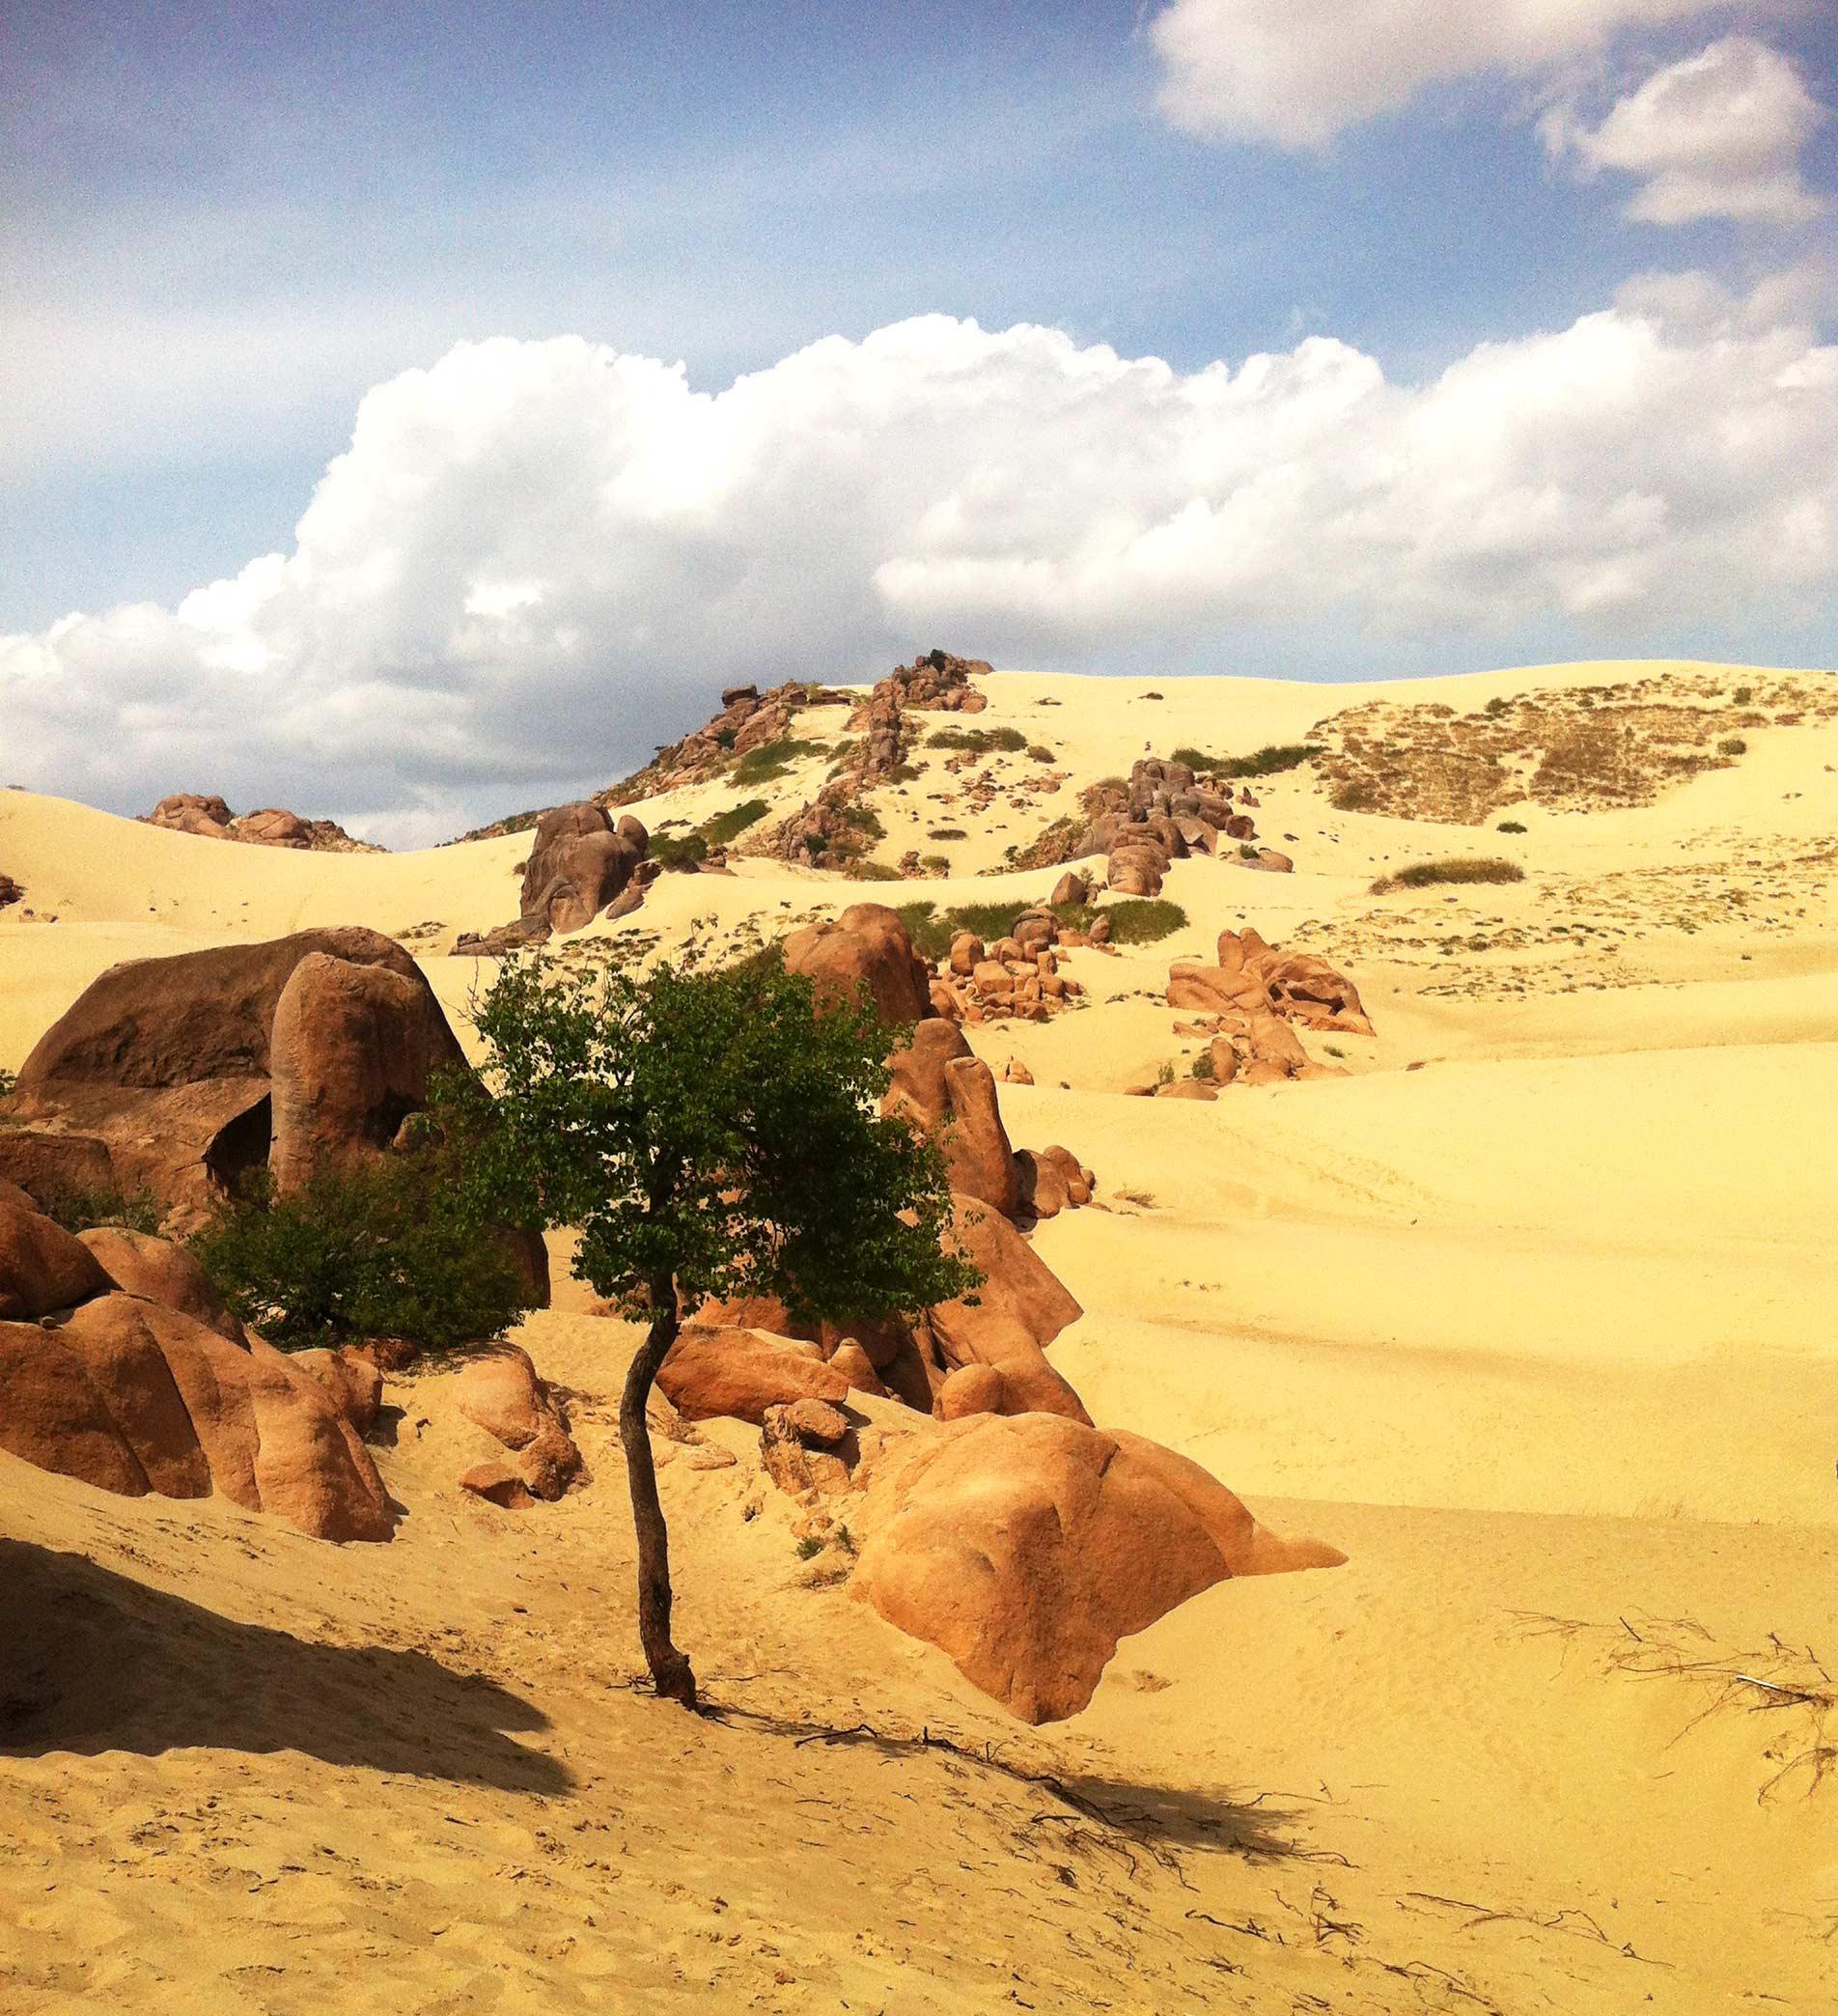 赤峰进-红山玉龙沙湖、赤峰贡格尔草原、承德避暑山庄纯玩五日游